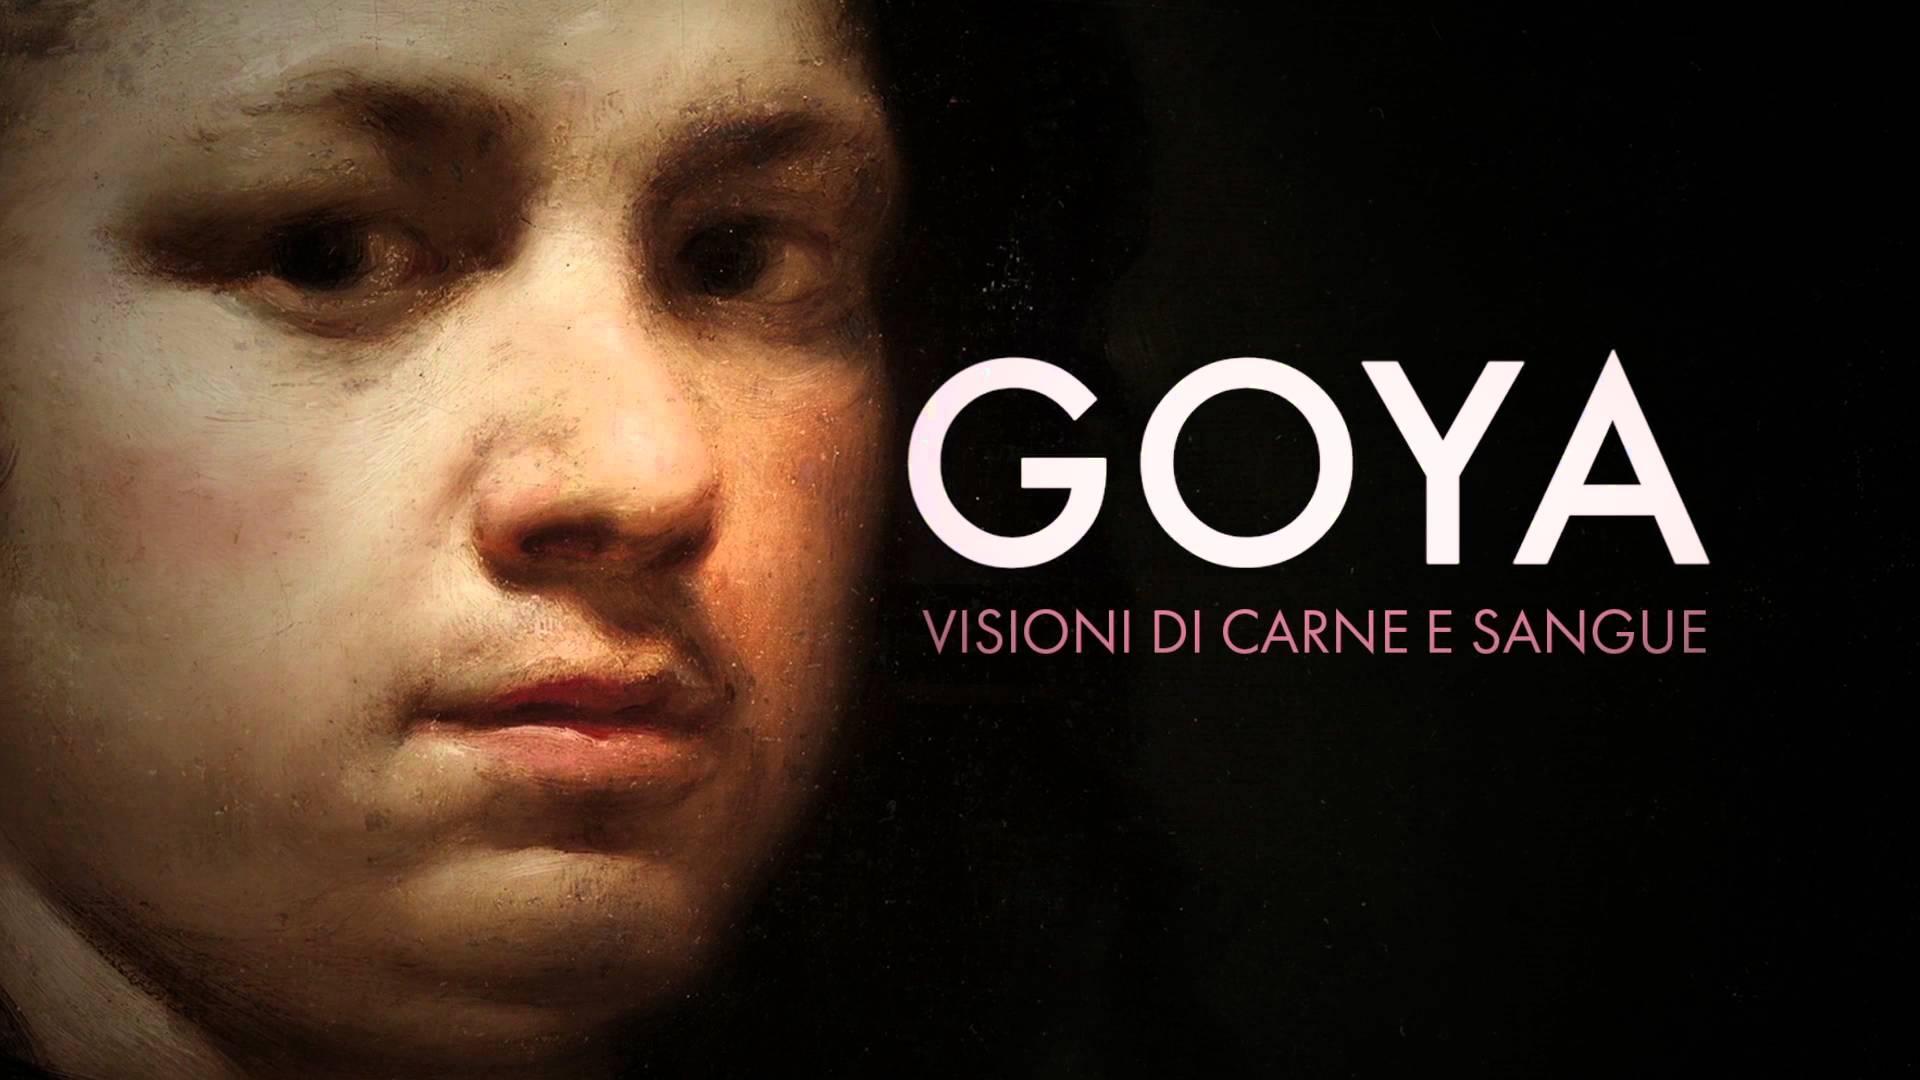 Goya, visioni di carne e sangue: l'arte sul grande schermo